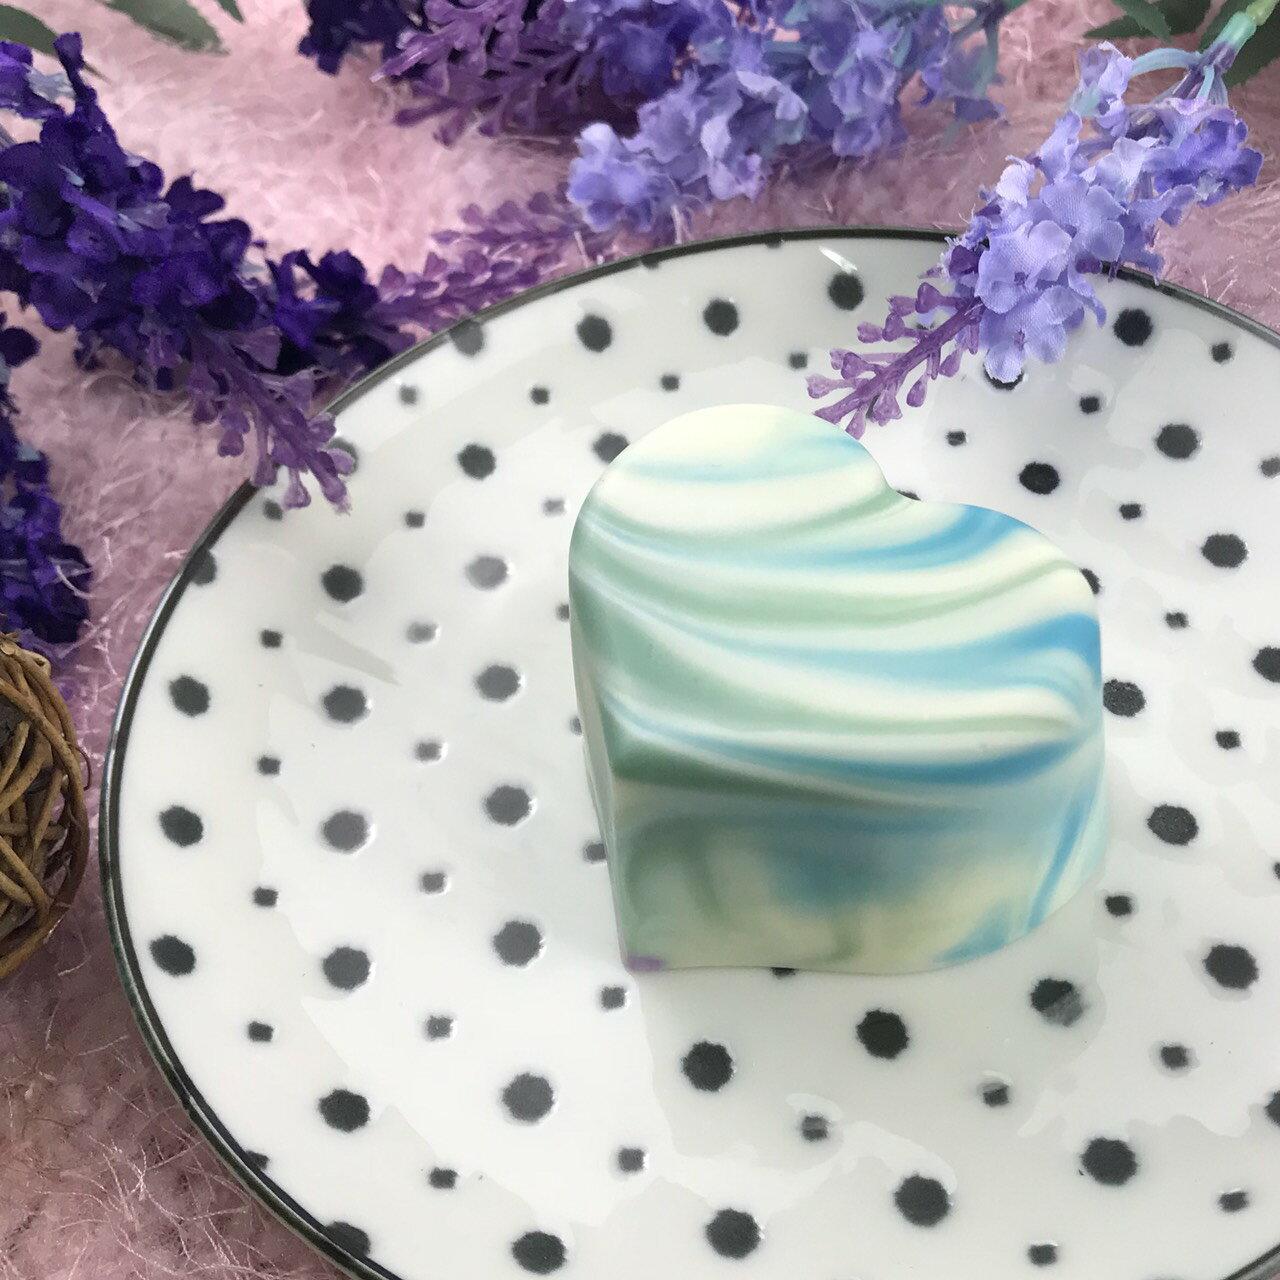 【可蘿兒玩皂Carrot fun soap】天然榛甜薰衣草鮮奶手工皂/冷製手工皂100±10g(清爽型)